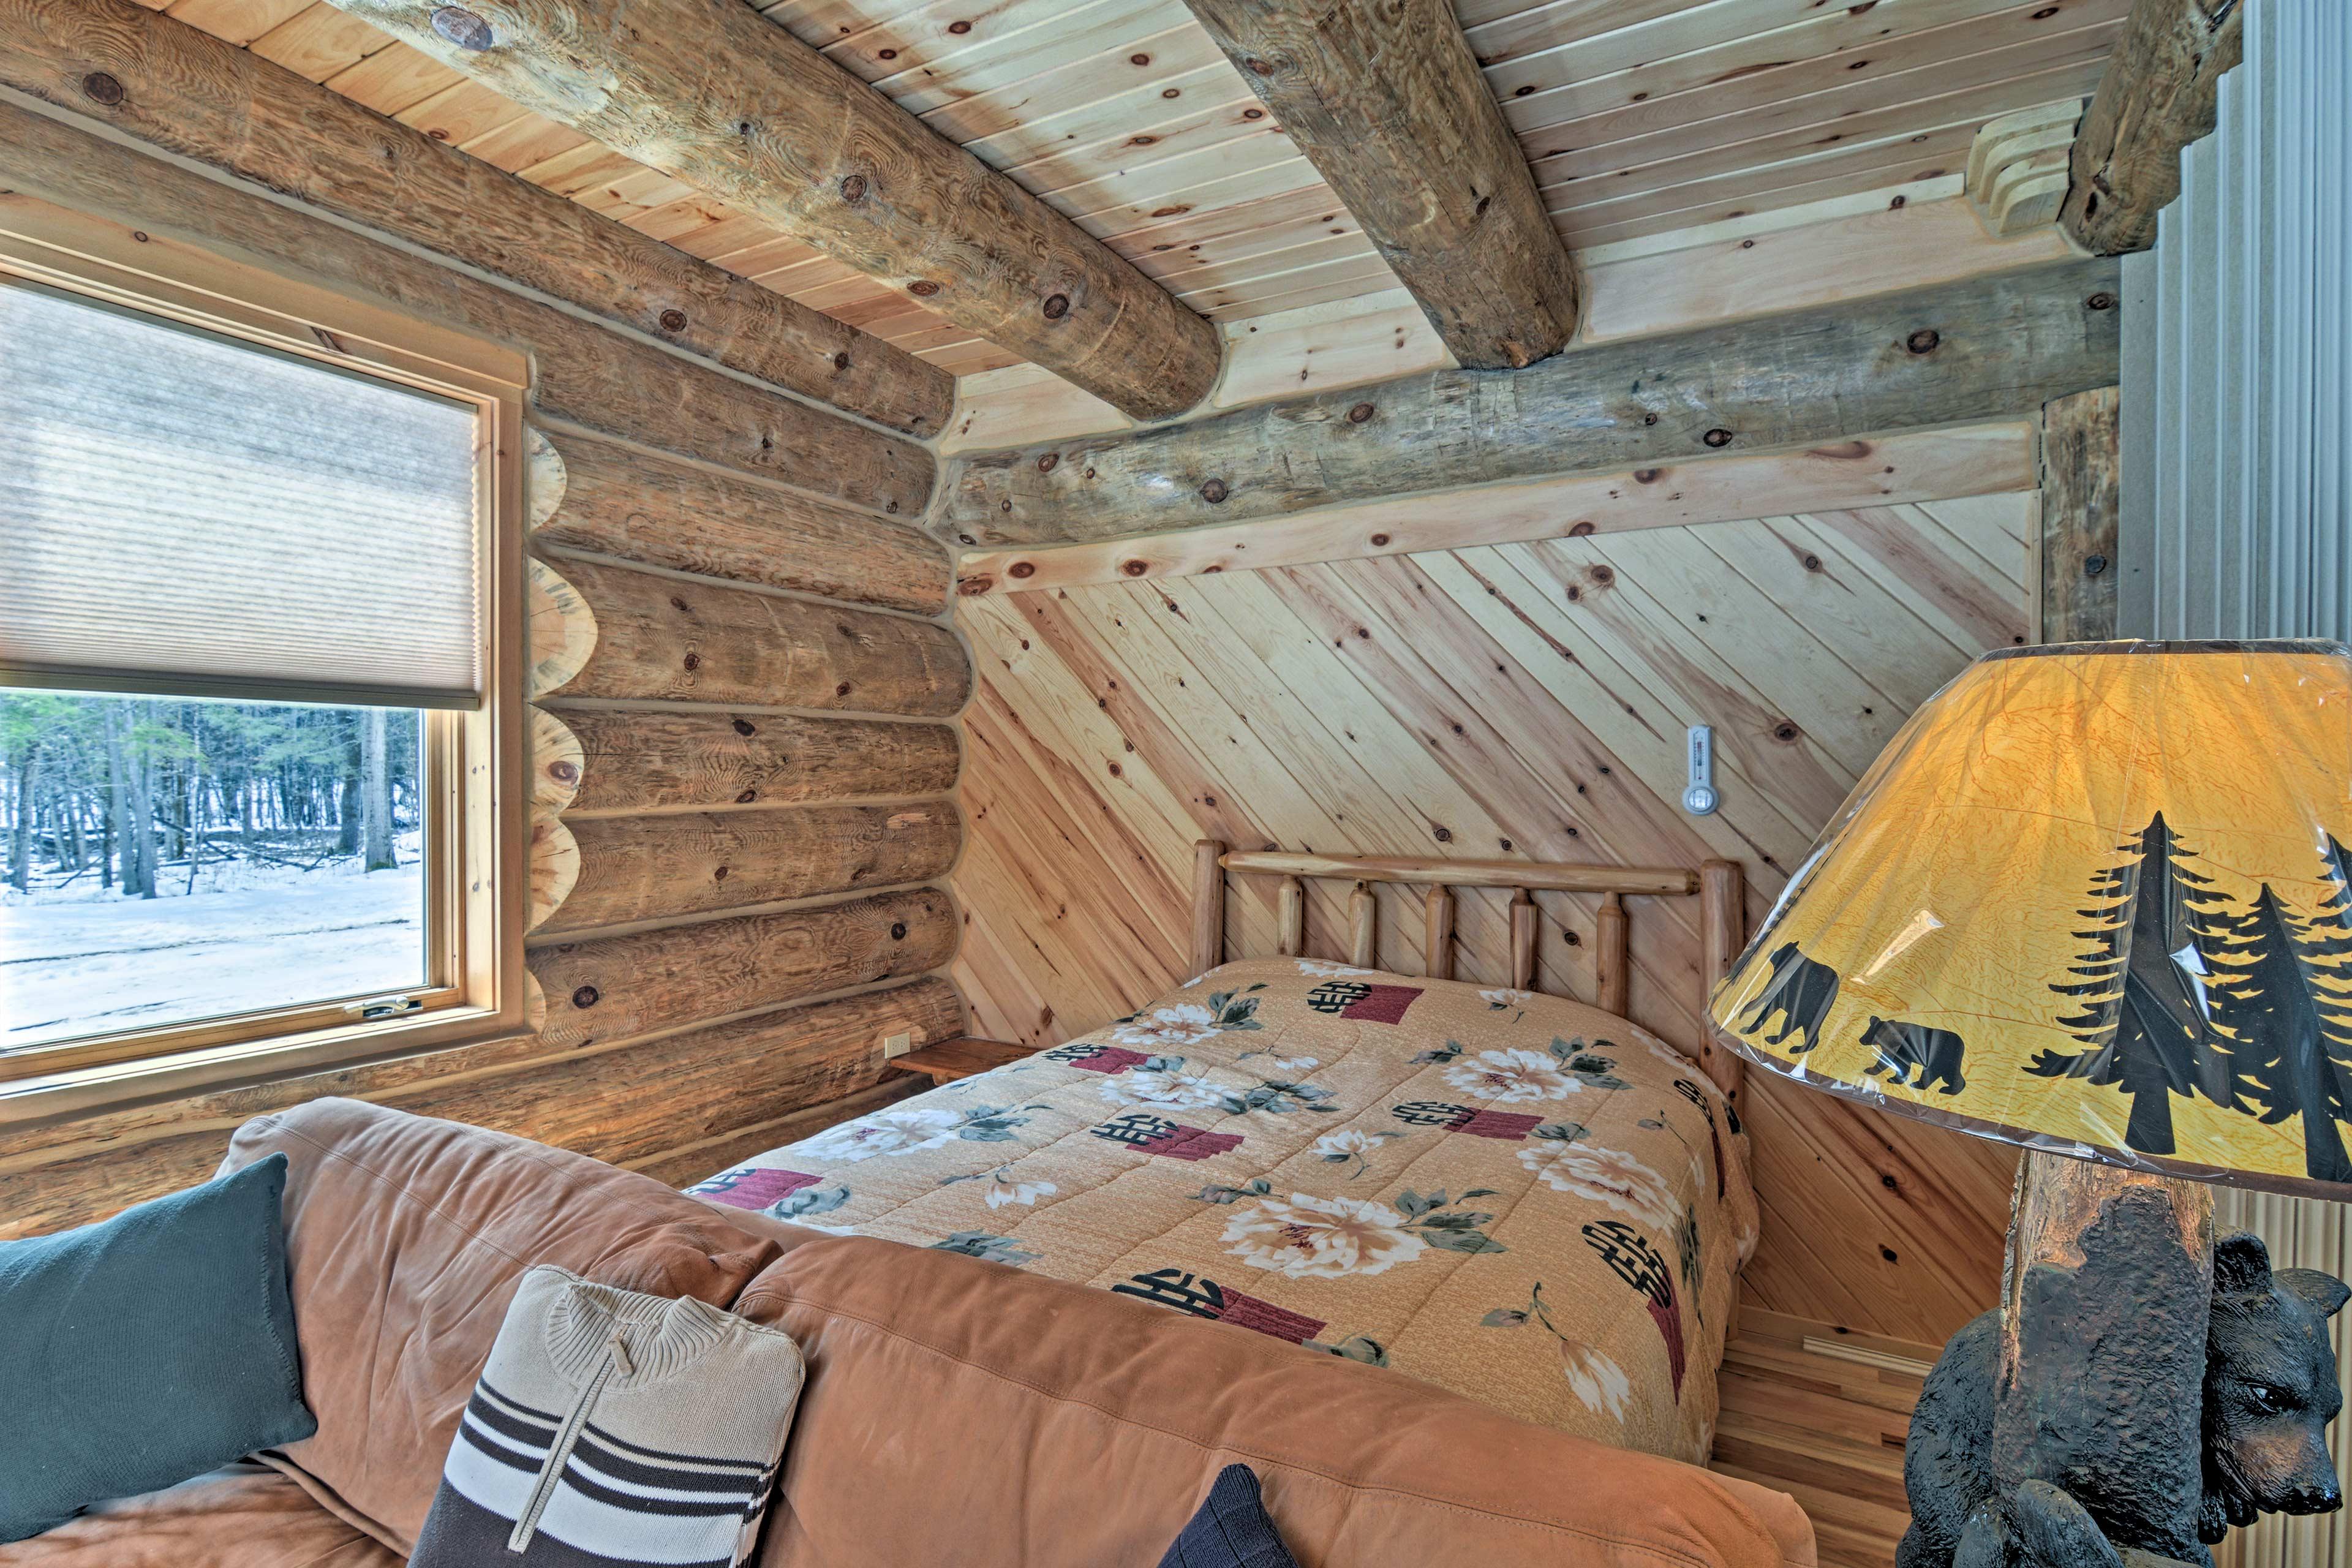 Cozy mountain-themed decor adorns each room.